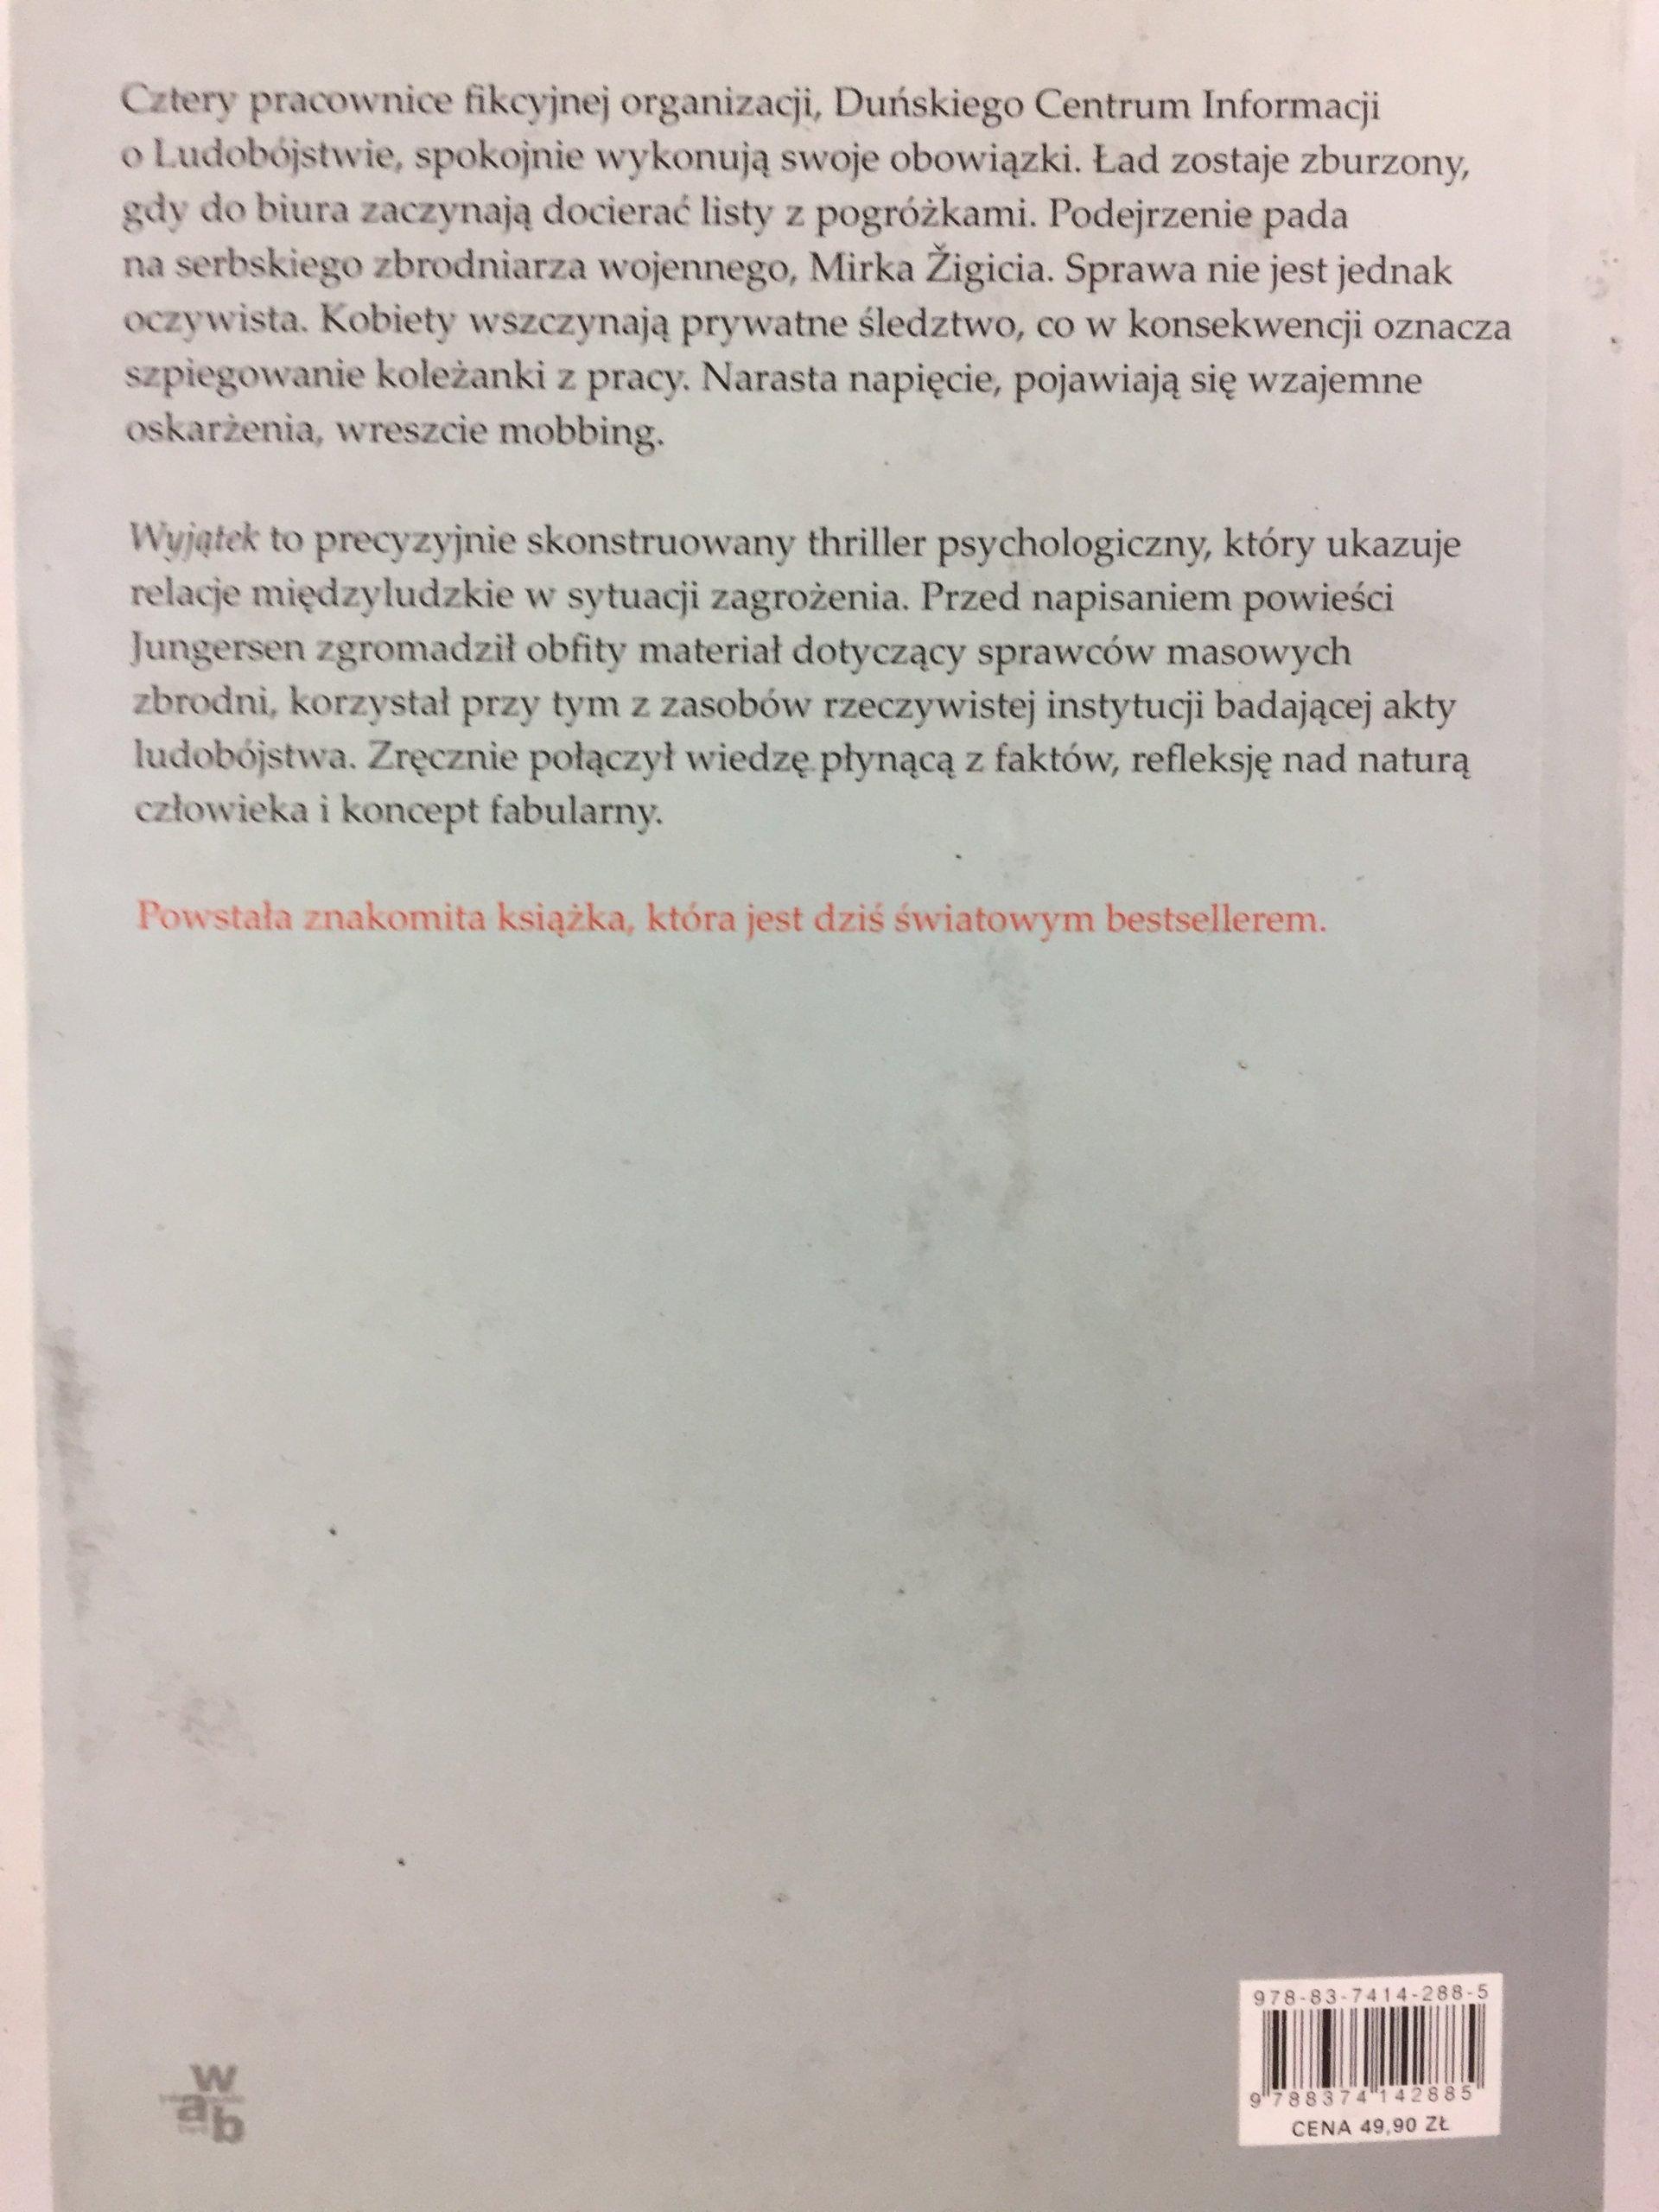 Исключение - Кристиан Jungersen (ОЧ.)